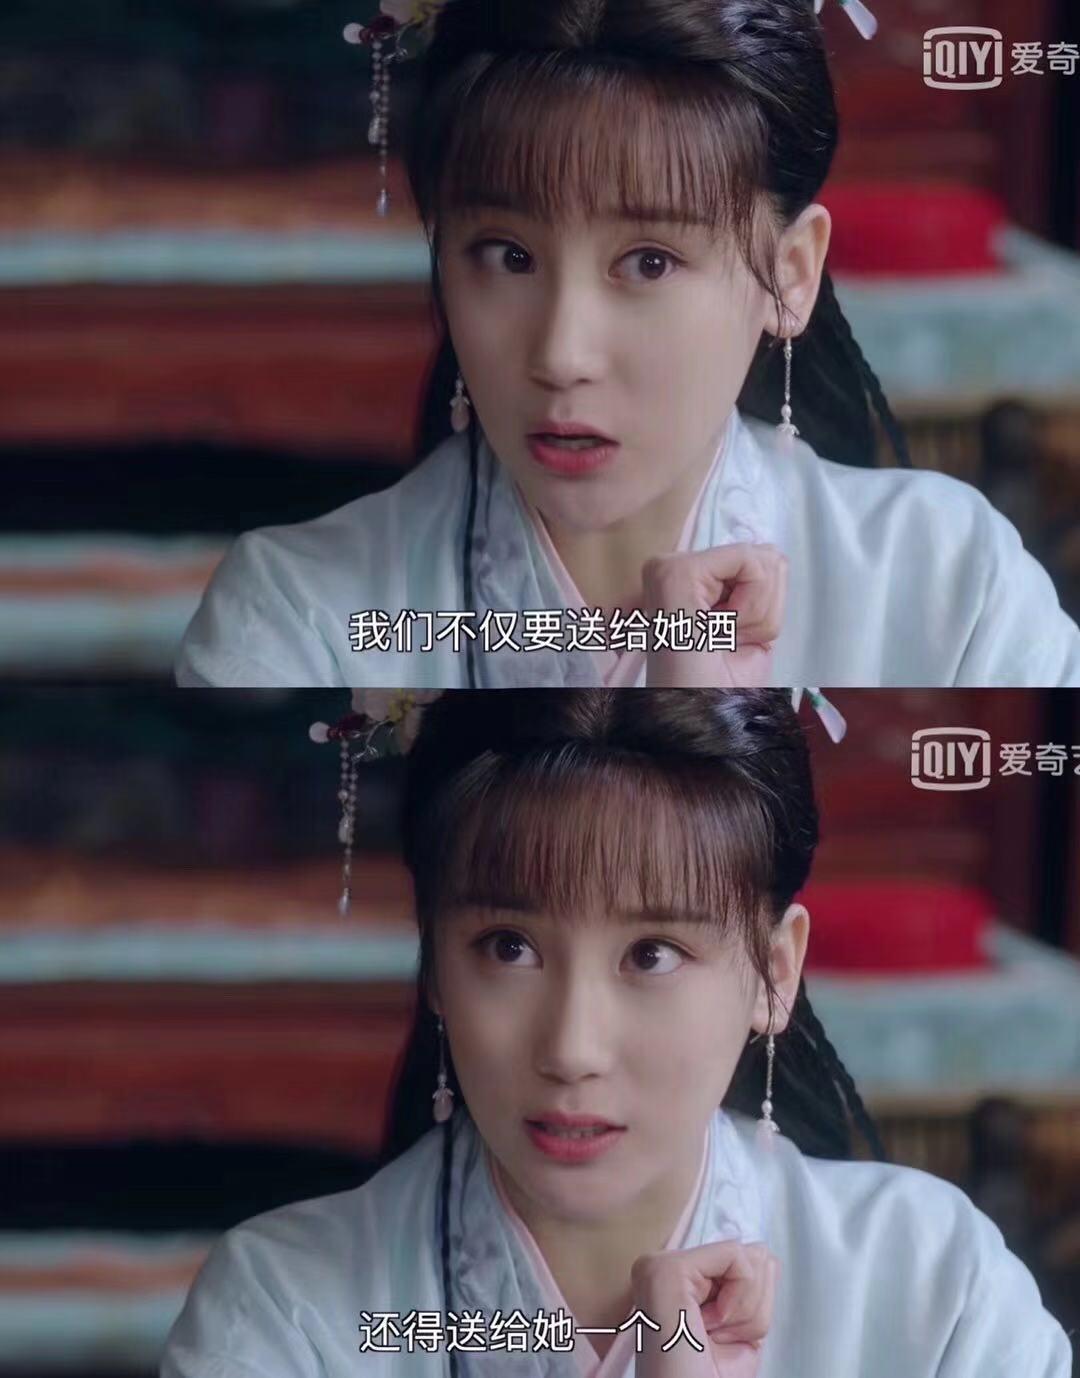 沈阳市天影艺术培训学校